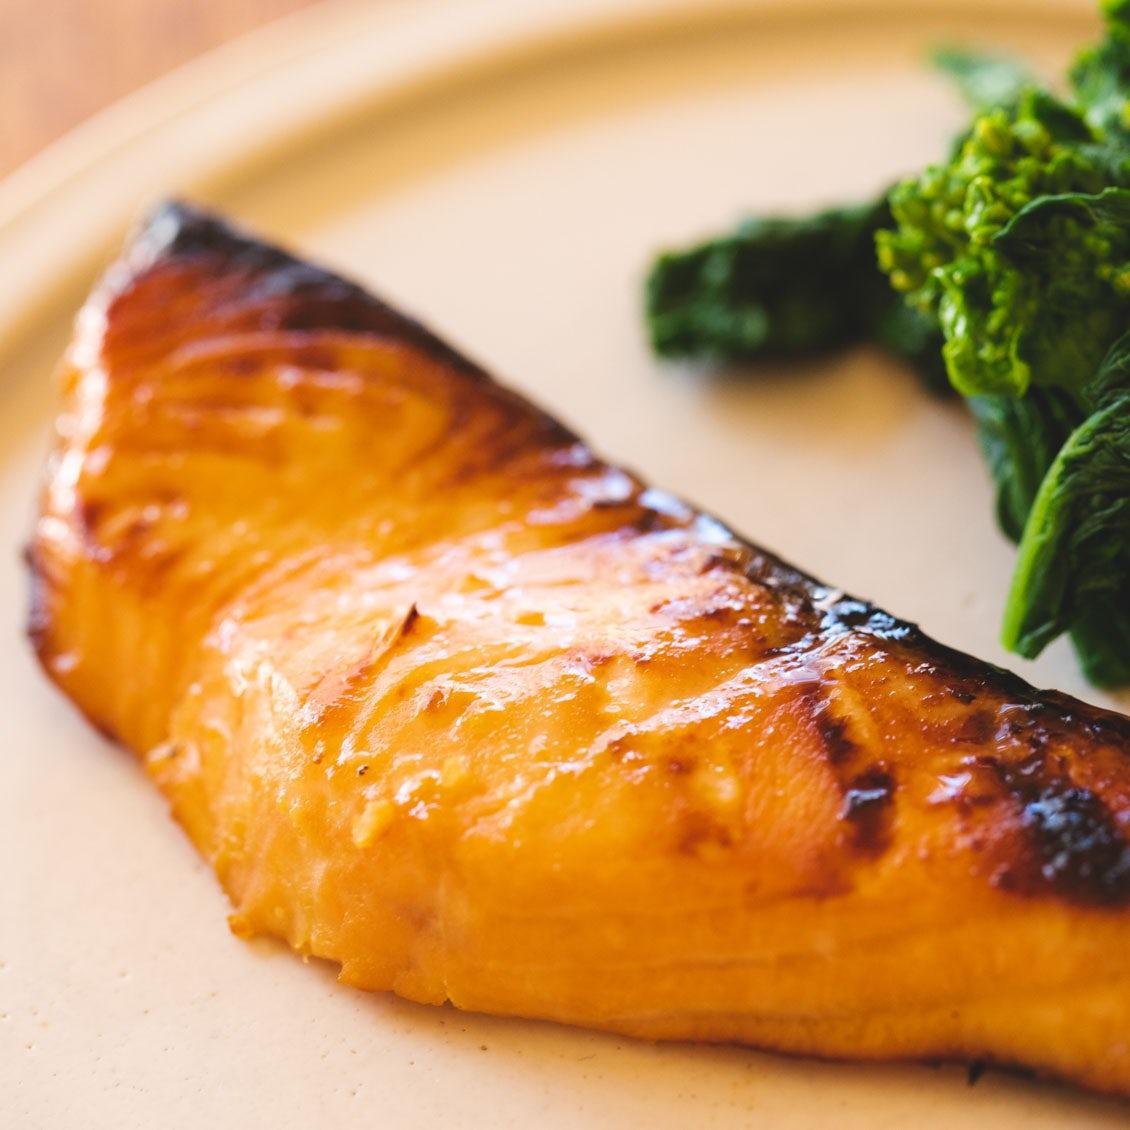 【疲れた日こそ、食べたい魚】第1話:ごはんおかわり必至の絶品「鮭の味噌ヨーグルト漬け」